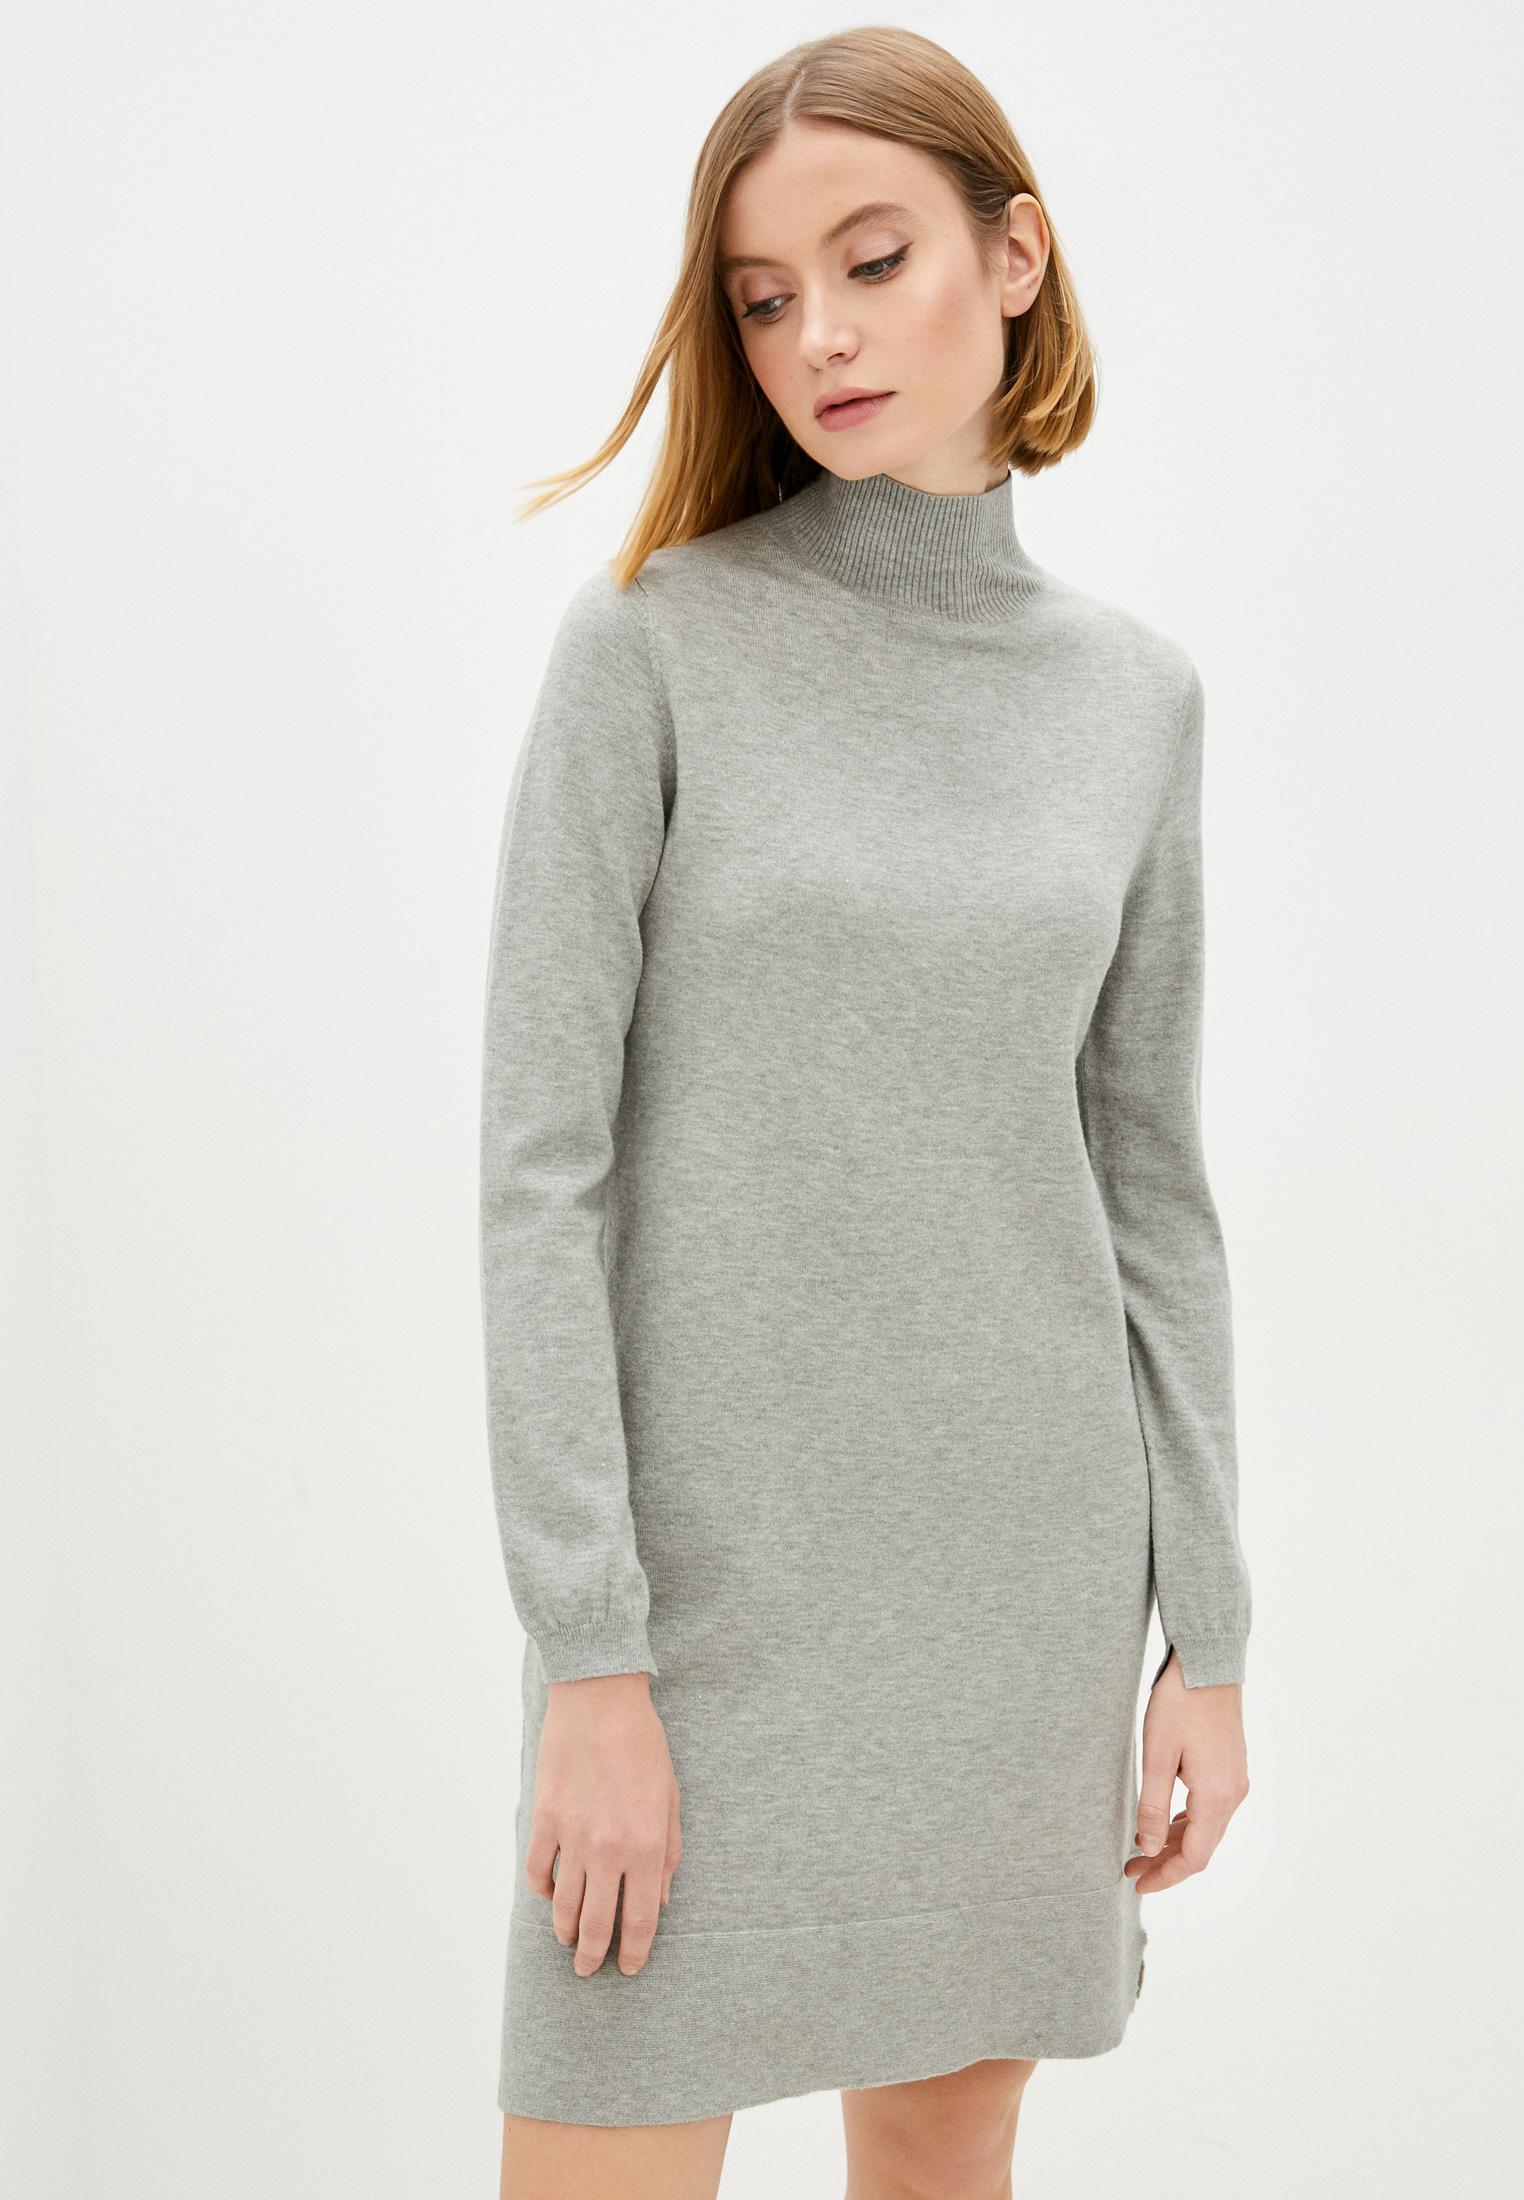 Вязаное платье EMME MARELLA 53260118200